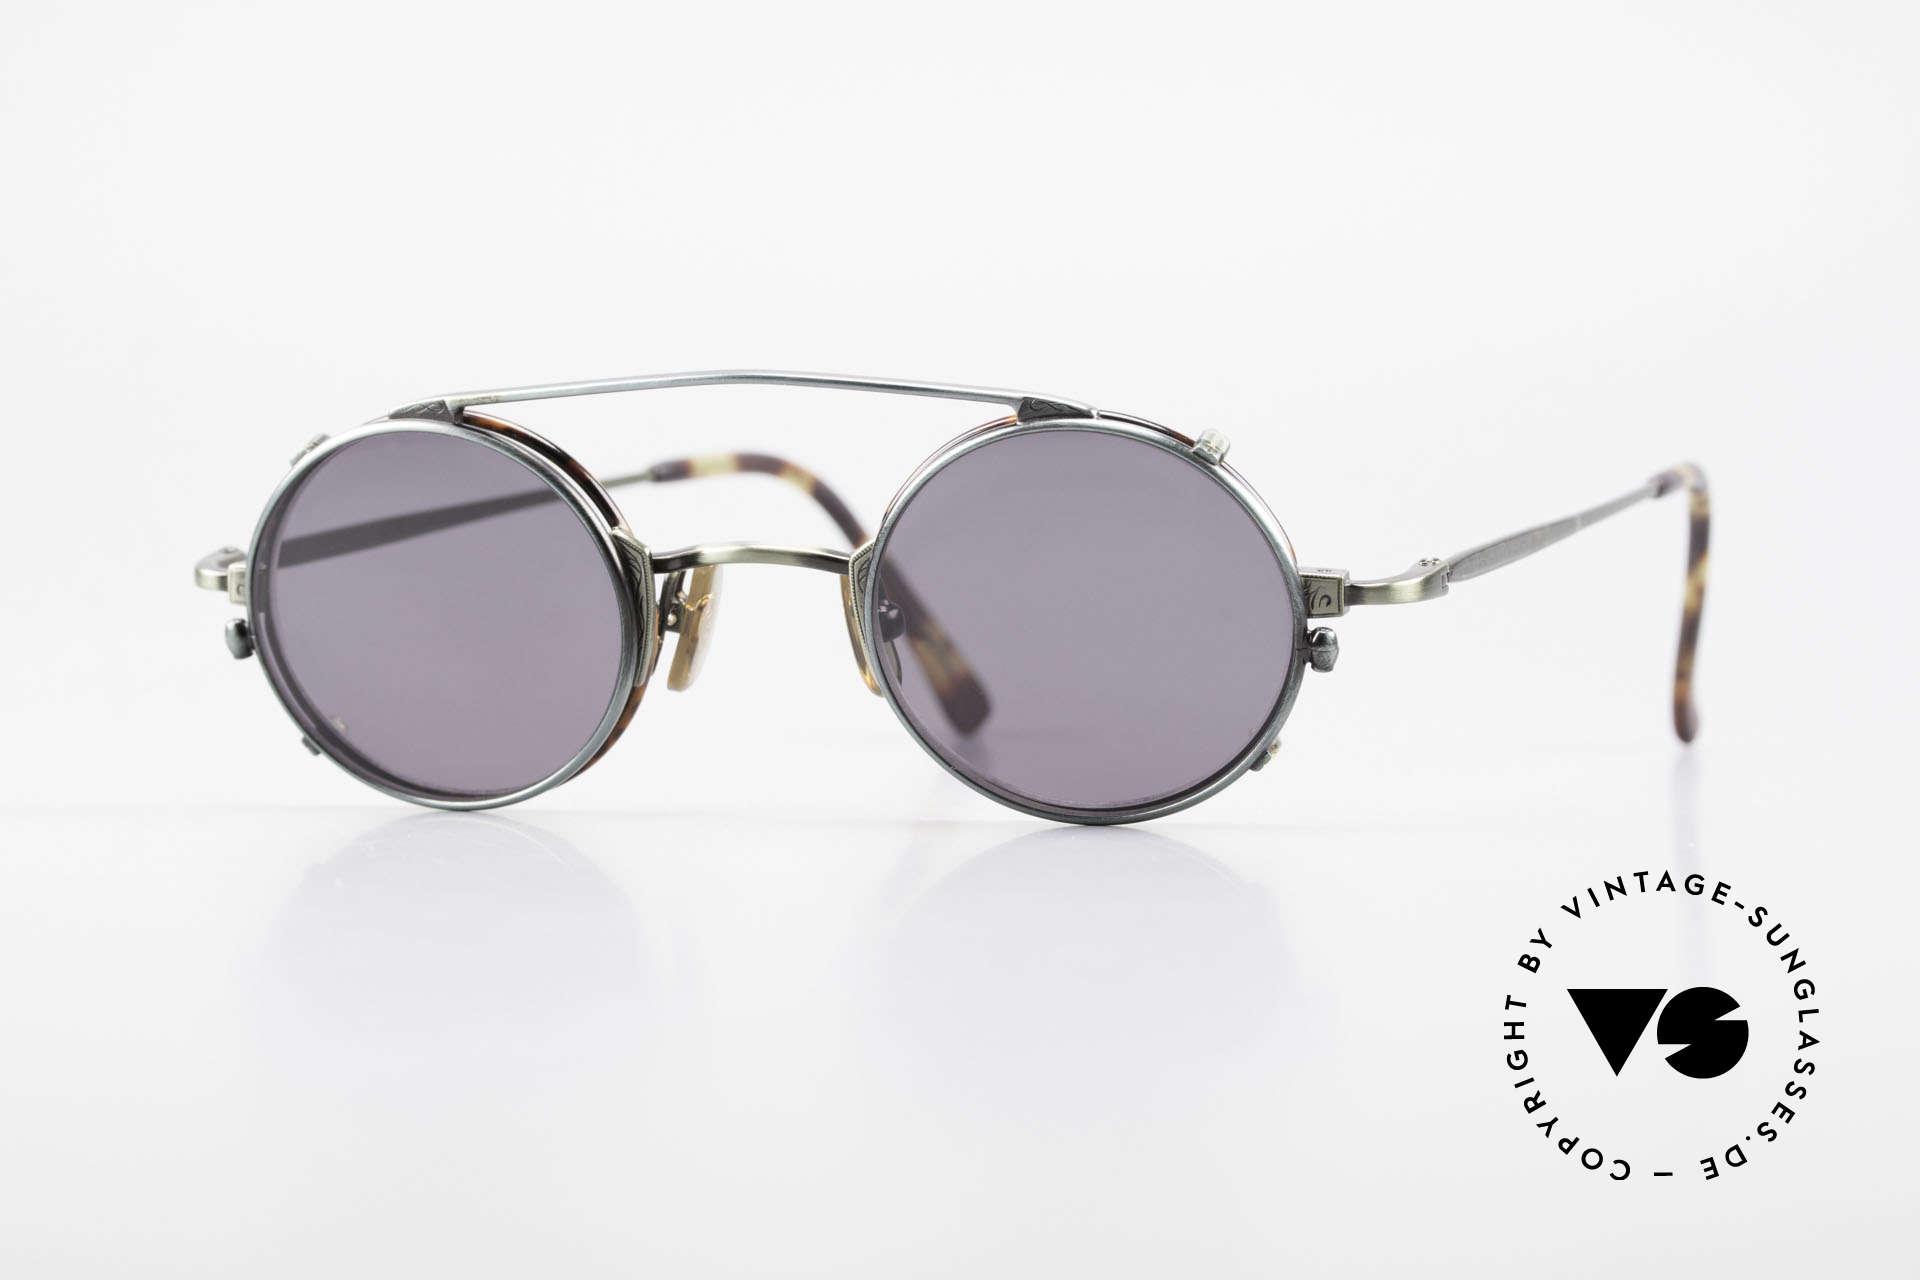 Freudenhaus Tori Kleine Runde Brille Clip On, vintage Brillenfassung von FREUDENHAUS, München, Passend für Herren und Damen